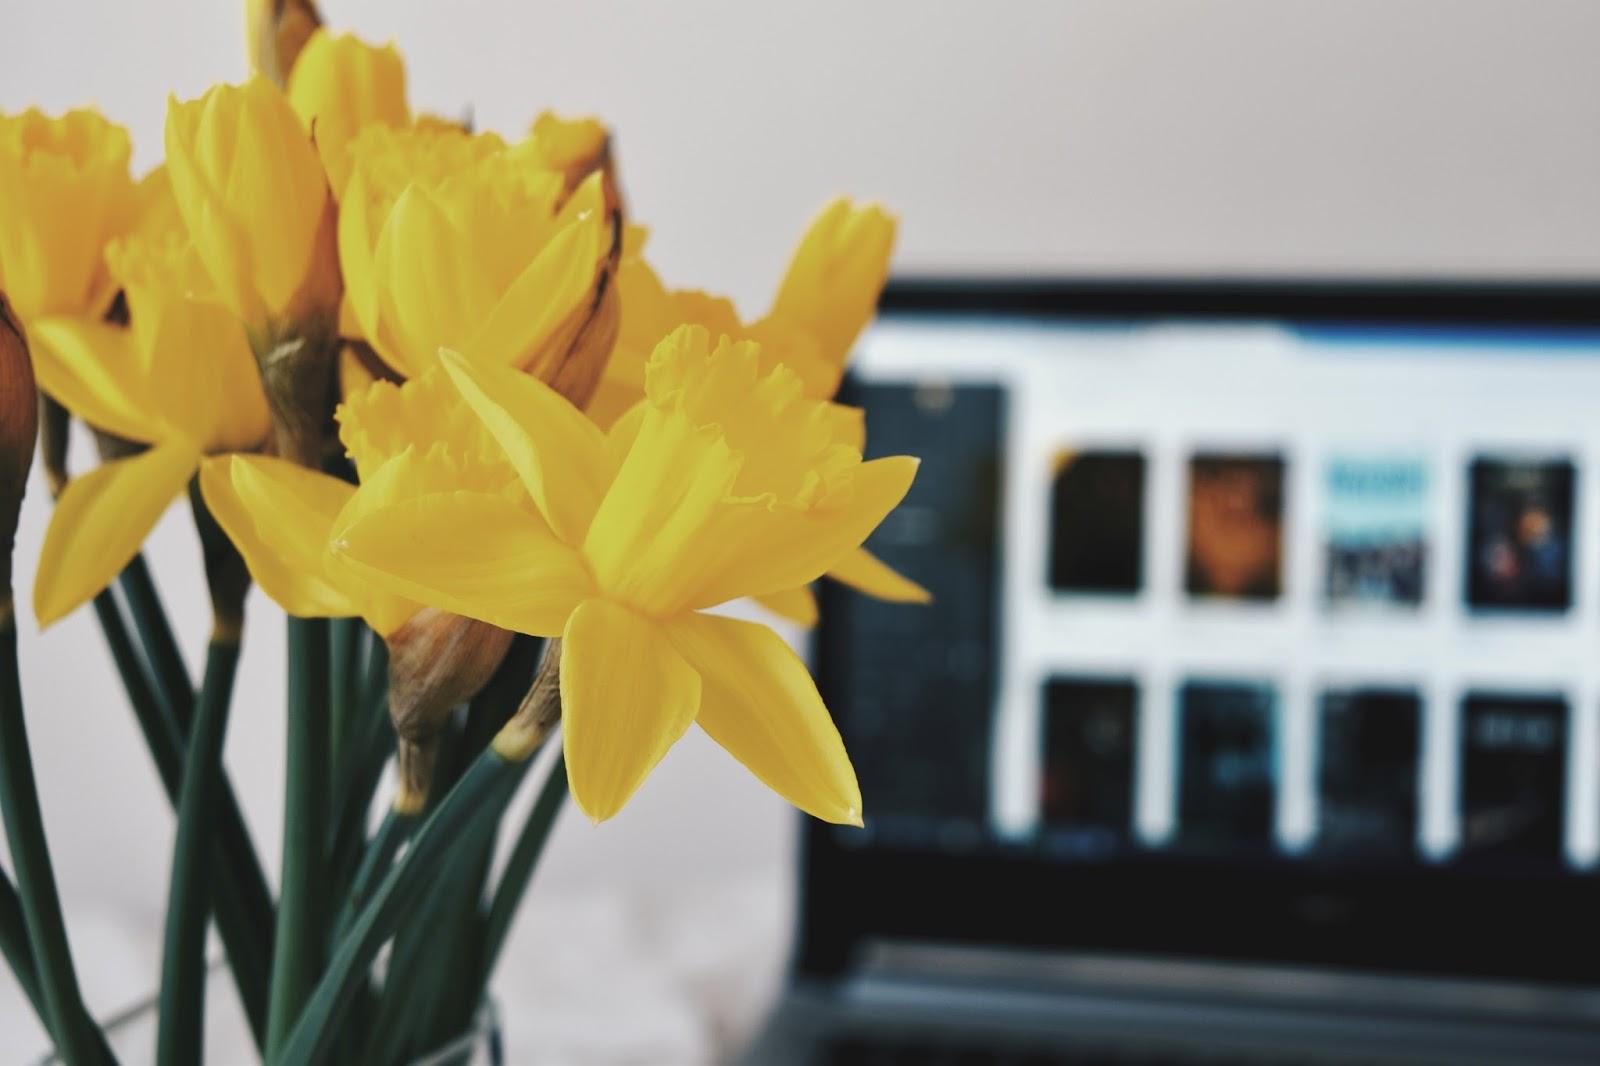 seriale, lato, co oglądać, fajne seriale, kwiaty